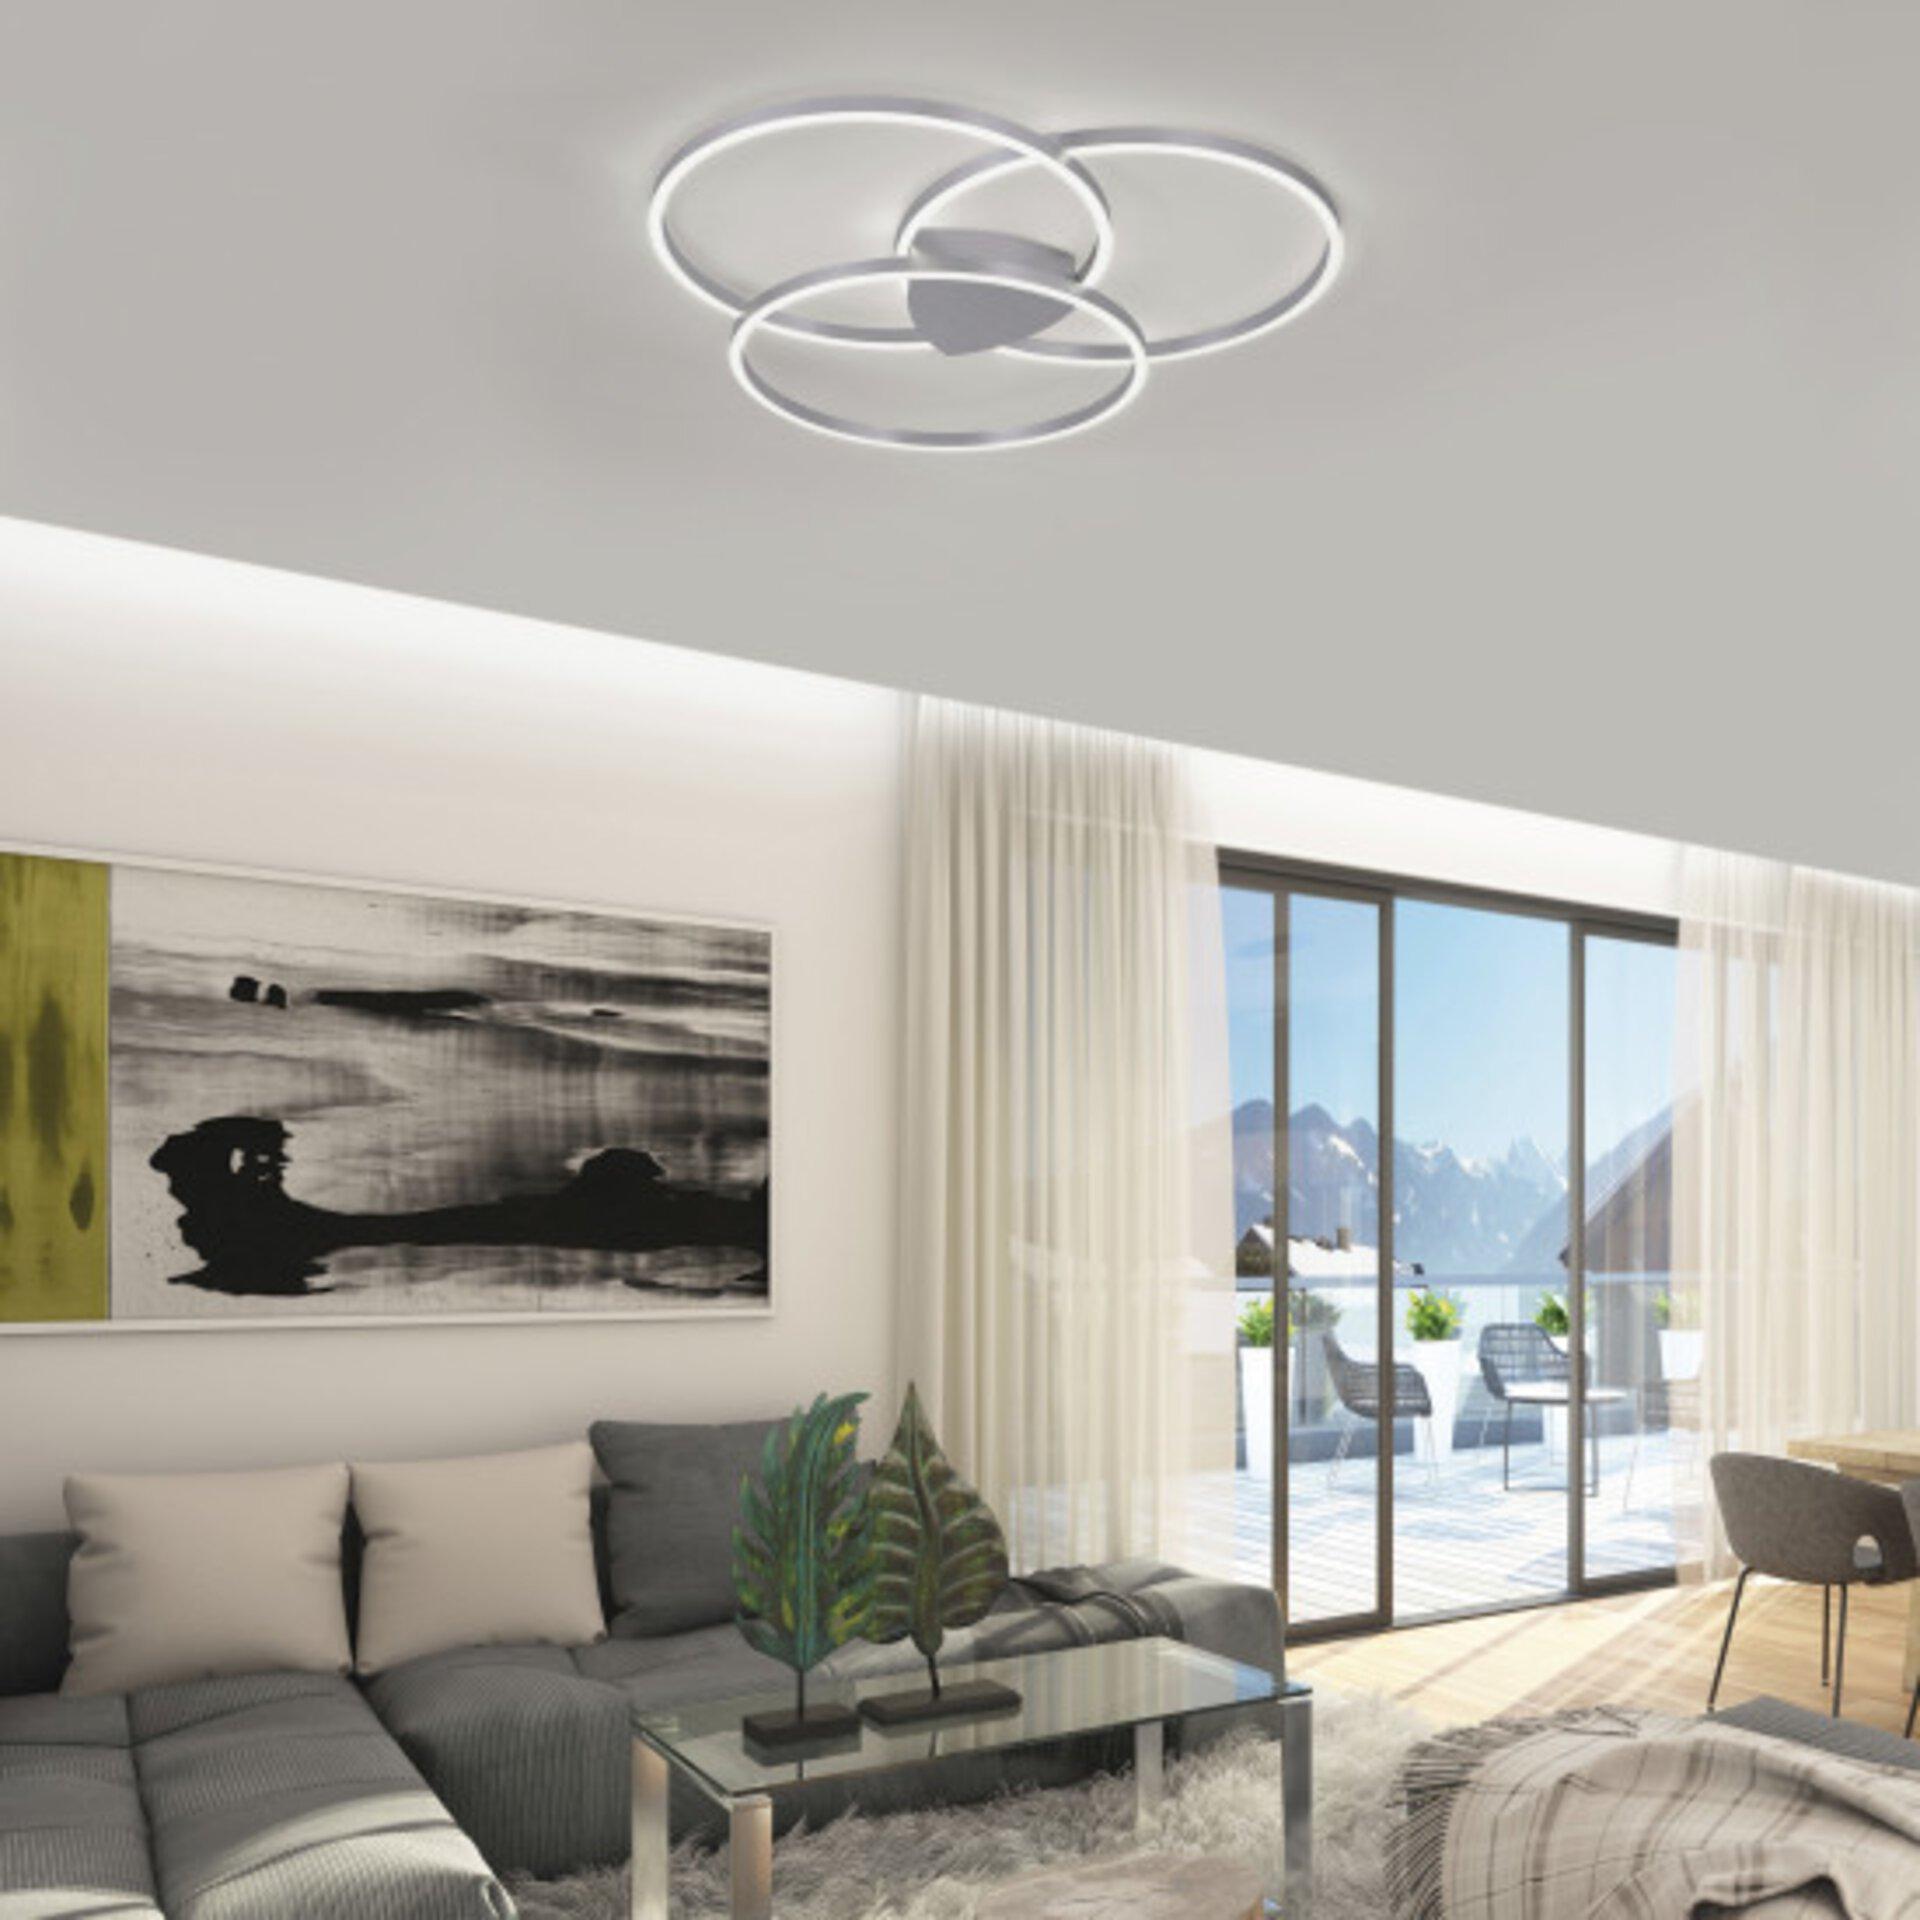 Smart-Home-Leuchten Q-KATE Paul Neuhaus Metall silber 93 x 8 x 93 cm